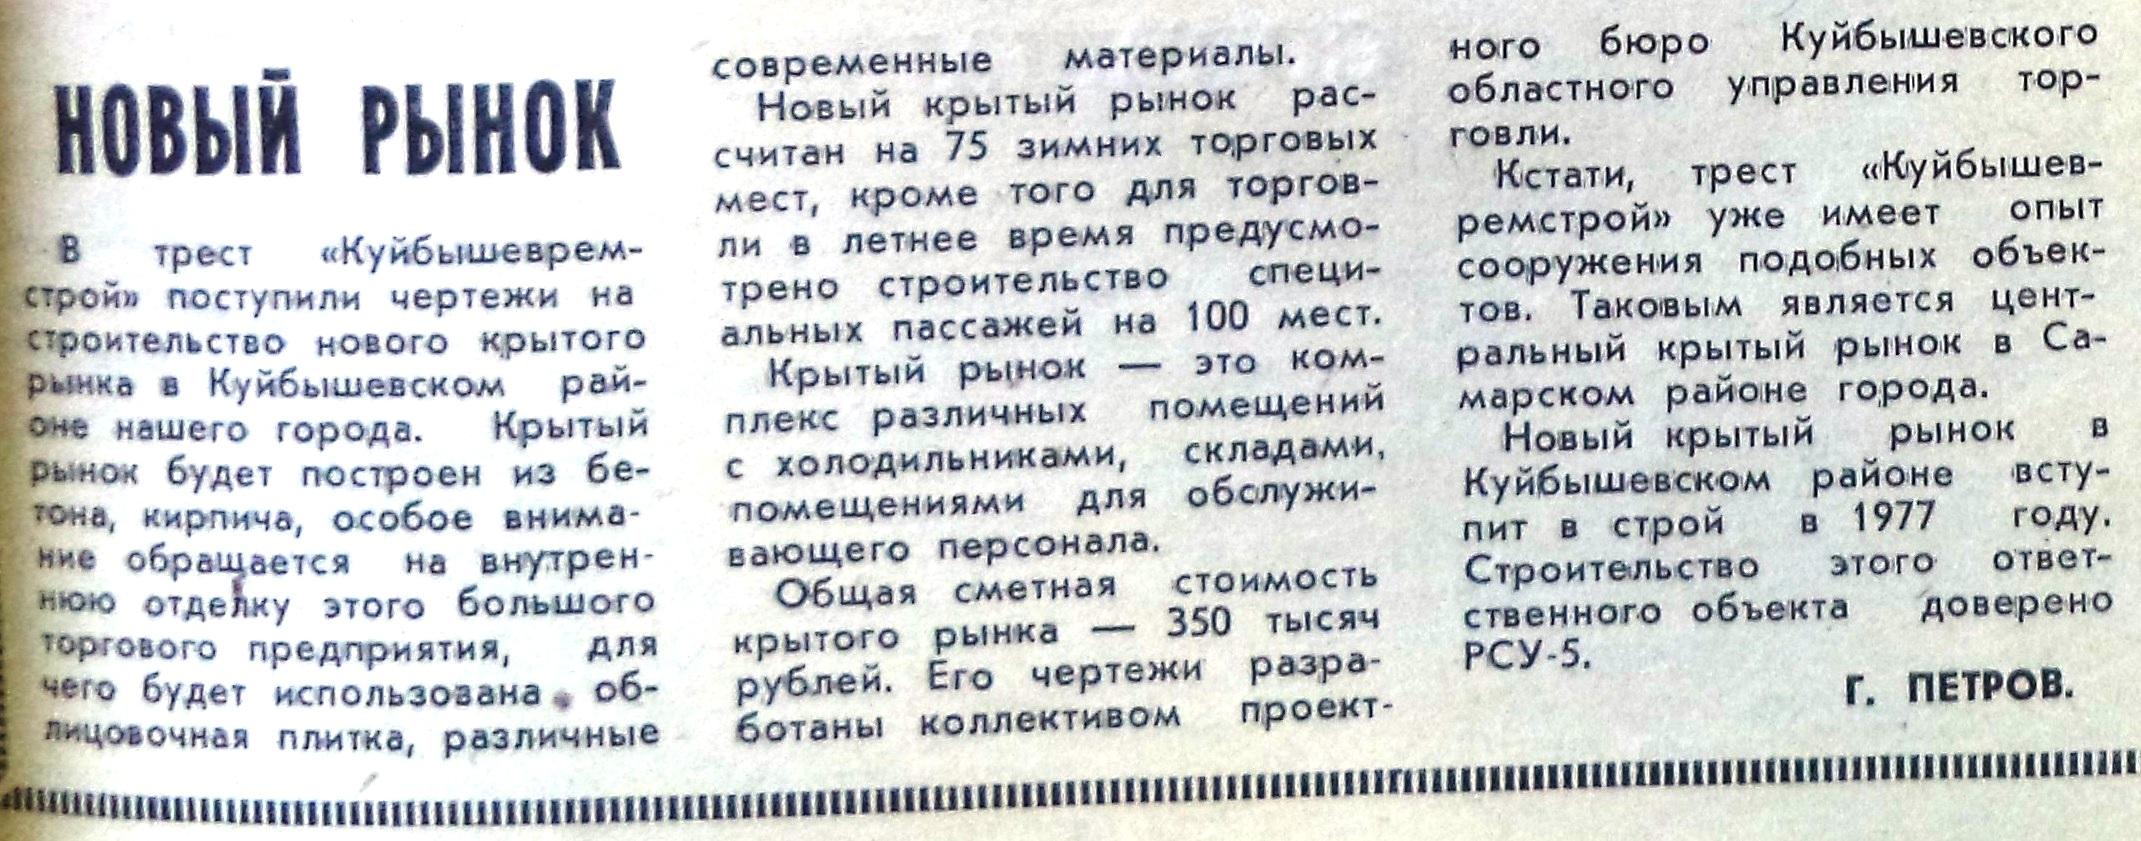 Пугачёвский-ФОТО-24-Голос Строителя-1976-22 марта